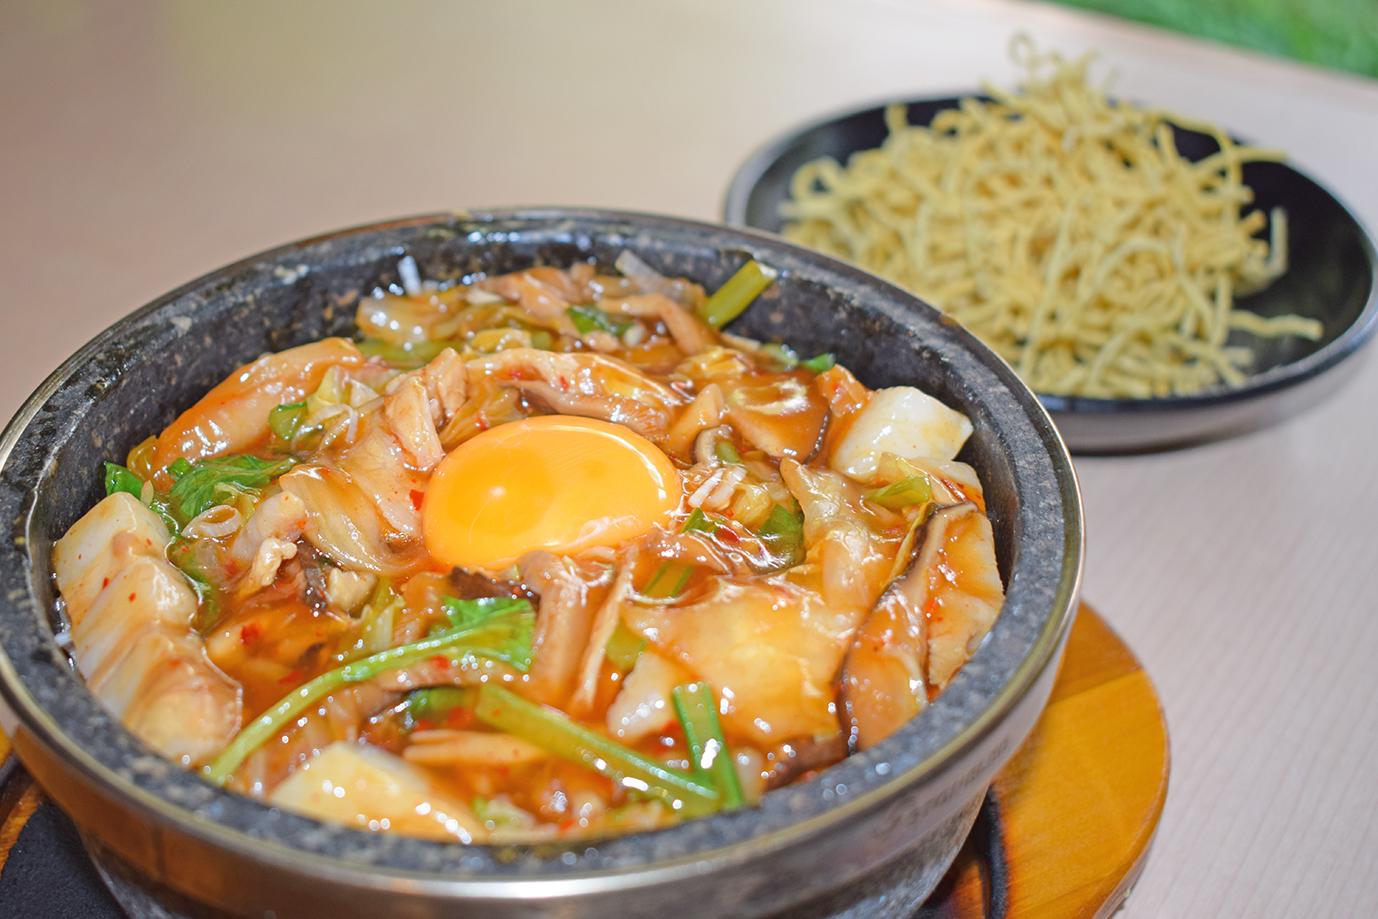 【NEW】石焼豚キムチあんかけご飯<br />味噌汁・お新香・ドリンク付